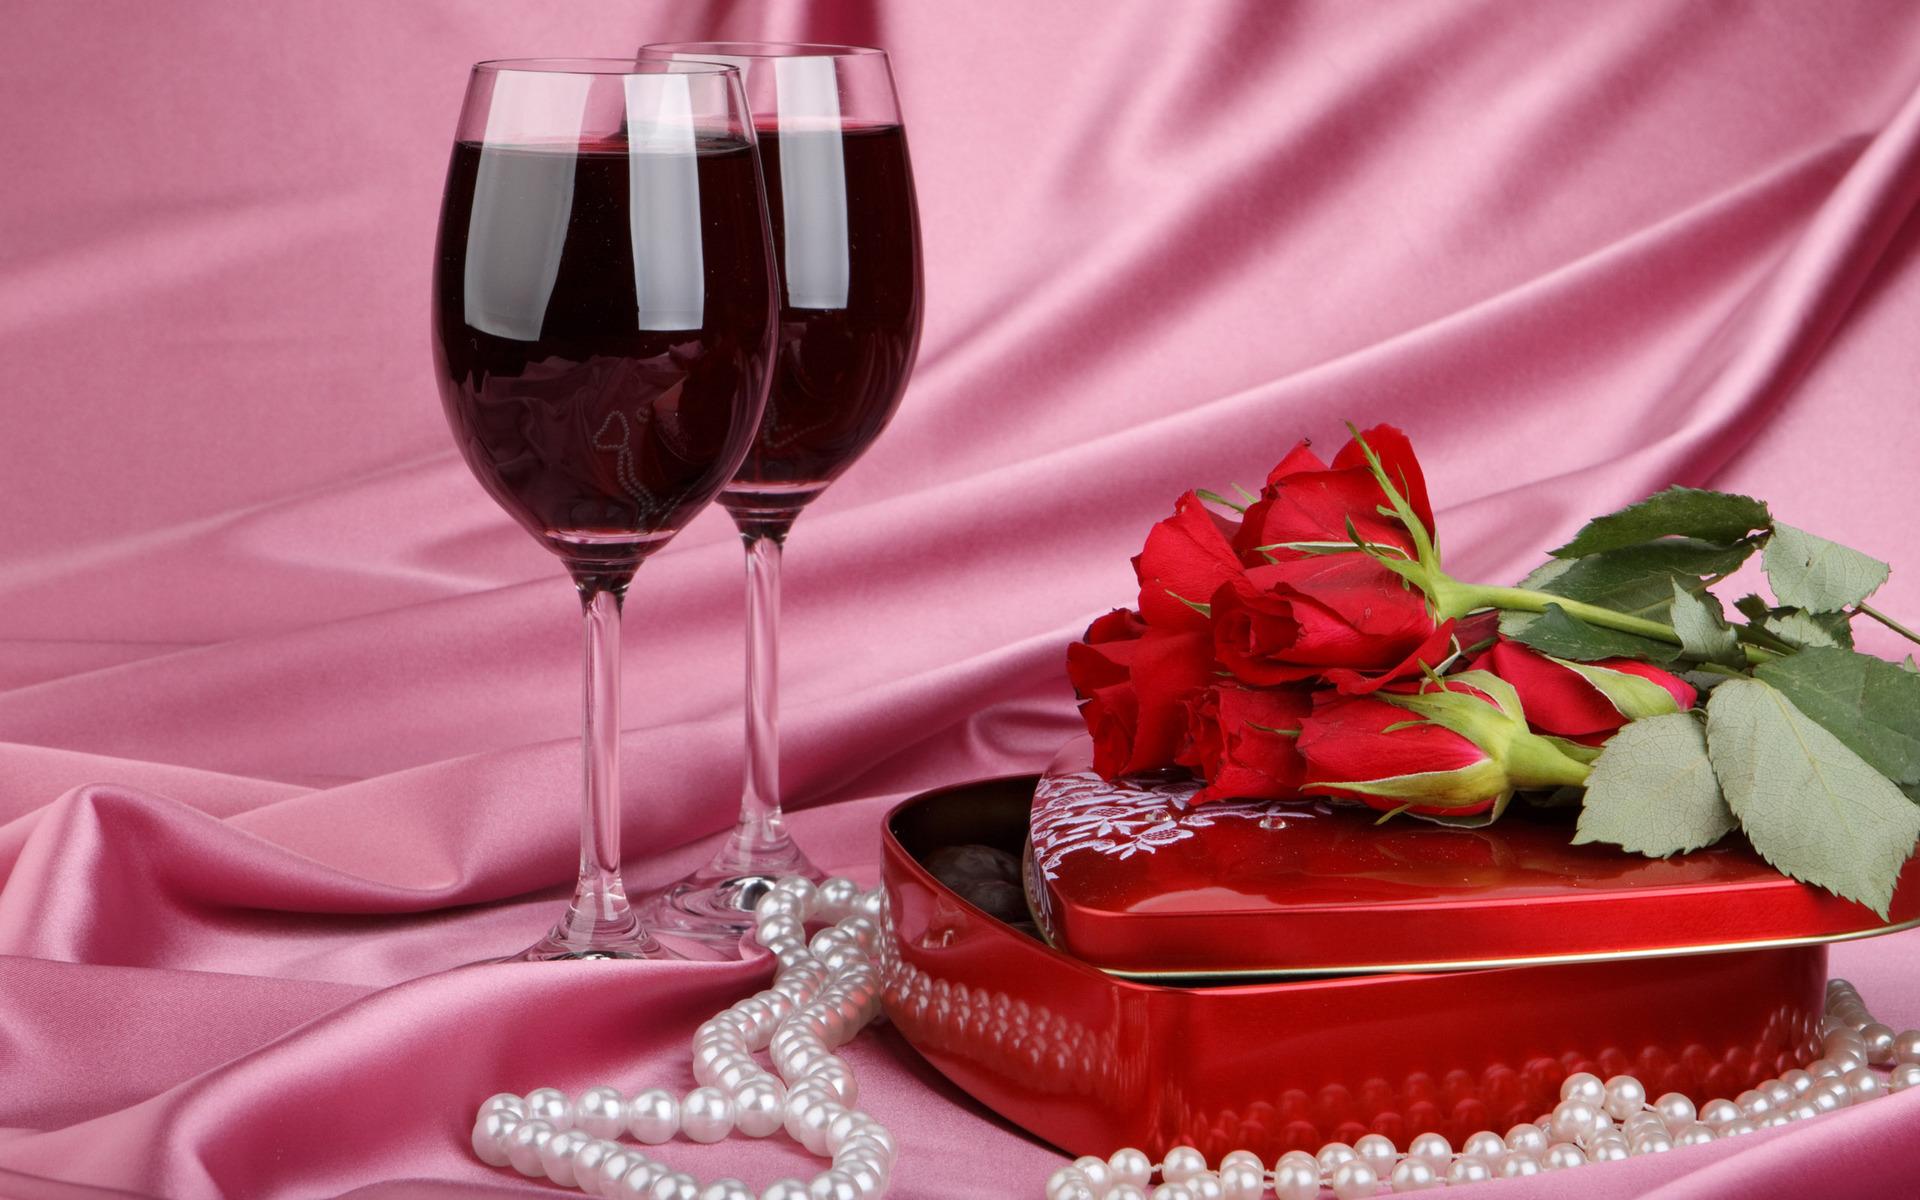 красное вино и розы, скачать фото, обои для рабочего стола